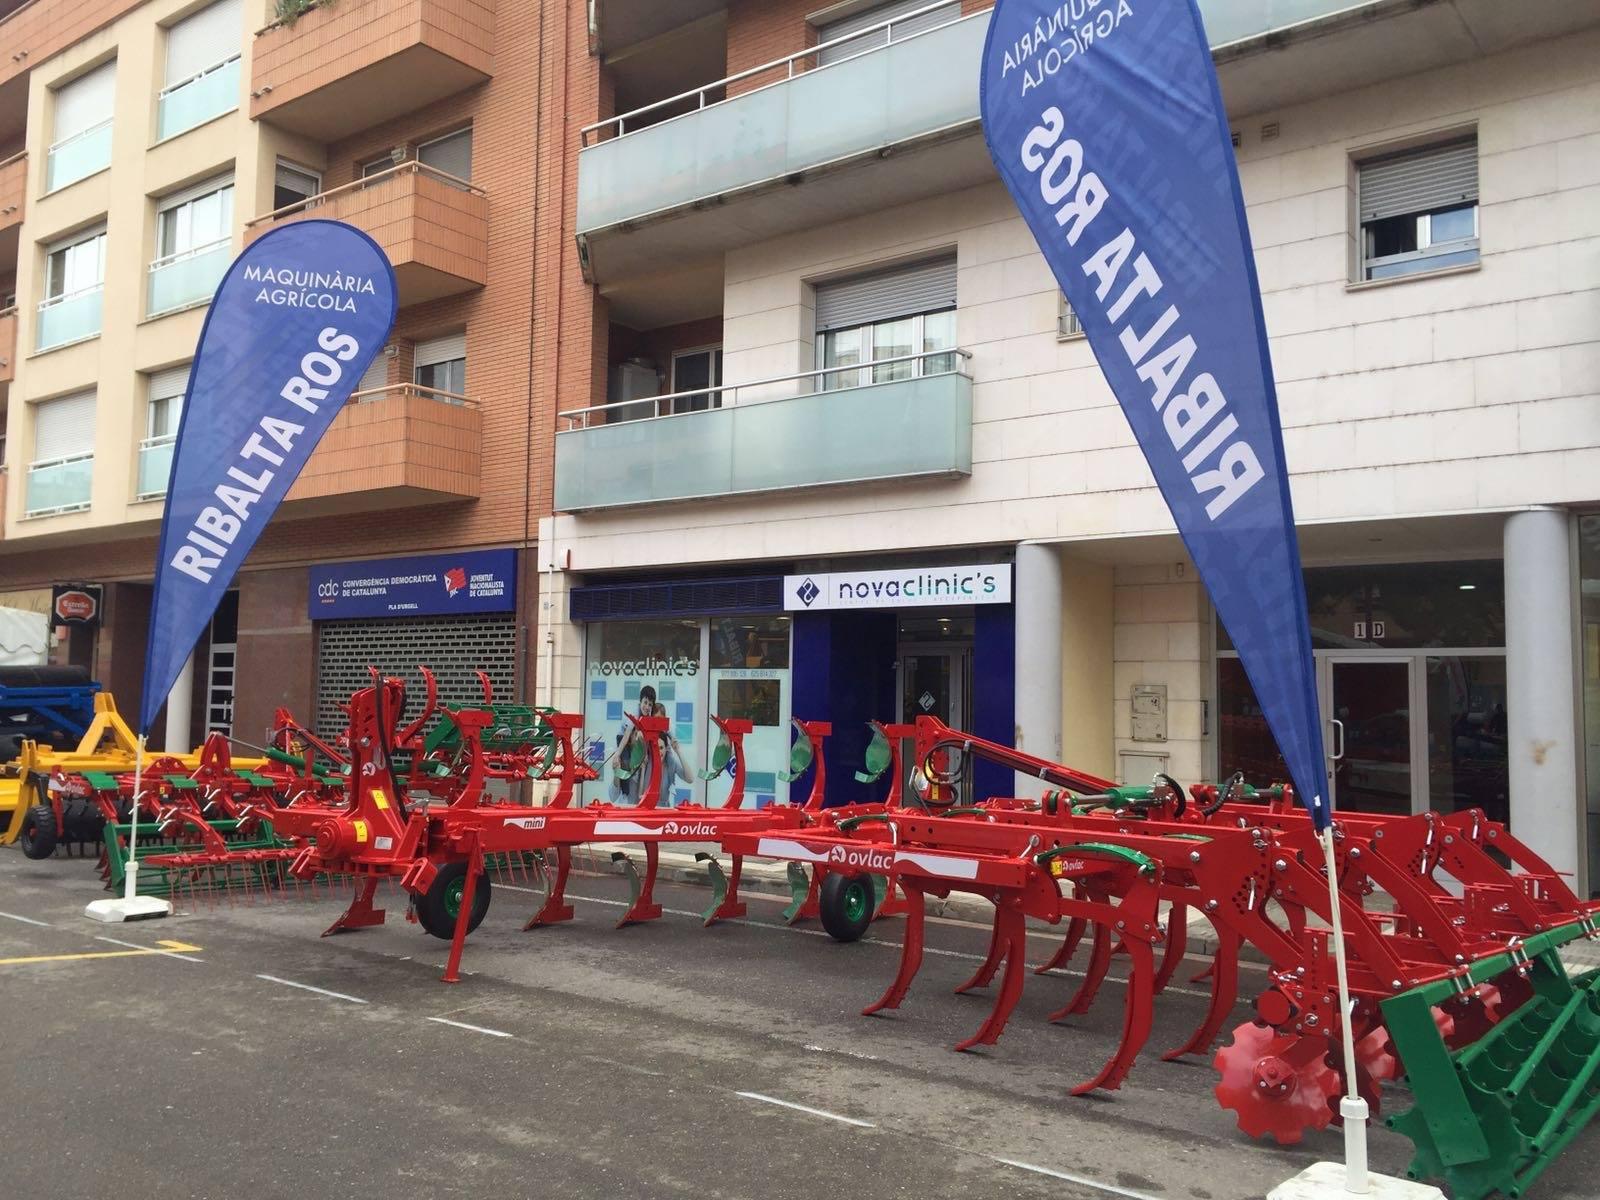 Ovlac estuvo presente en la Feria de Sant Josep en Mollerusa